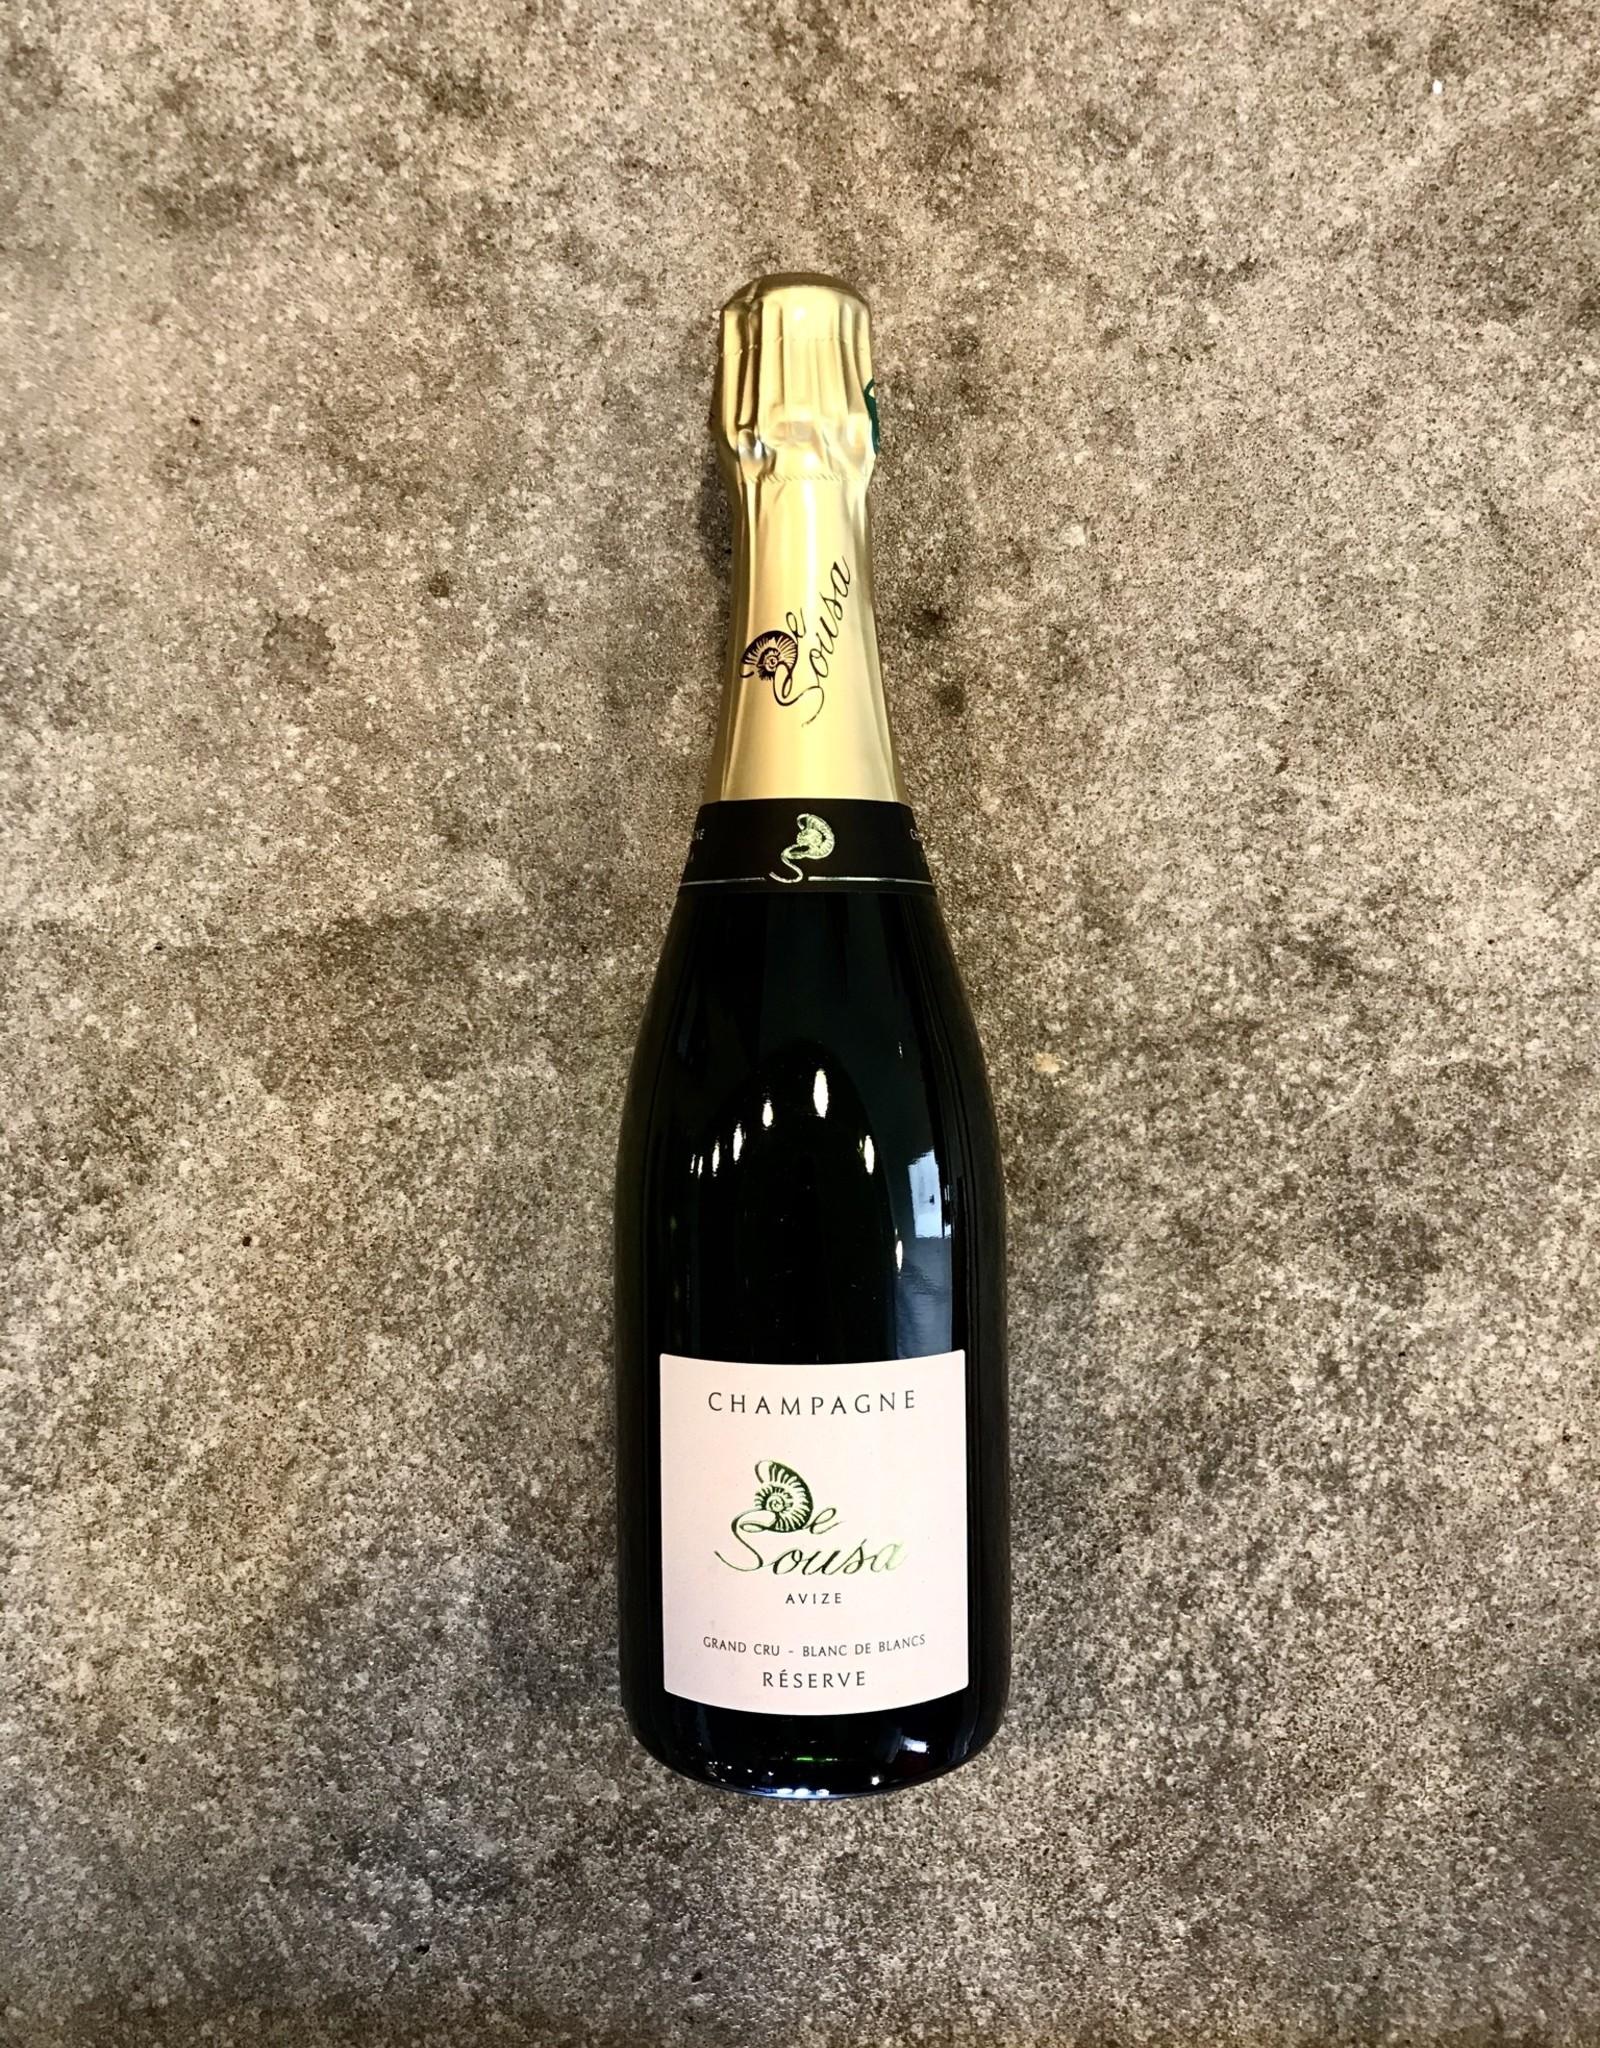 Champagne de Sousa Grand Cru Blanc de Blancs Extra Brut Réserve